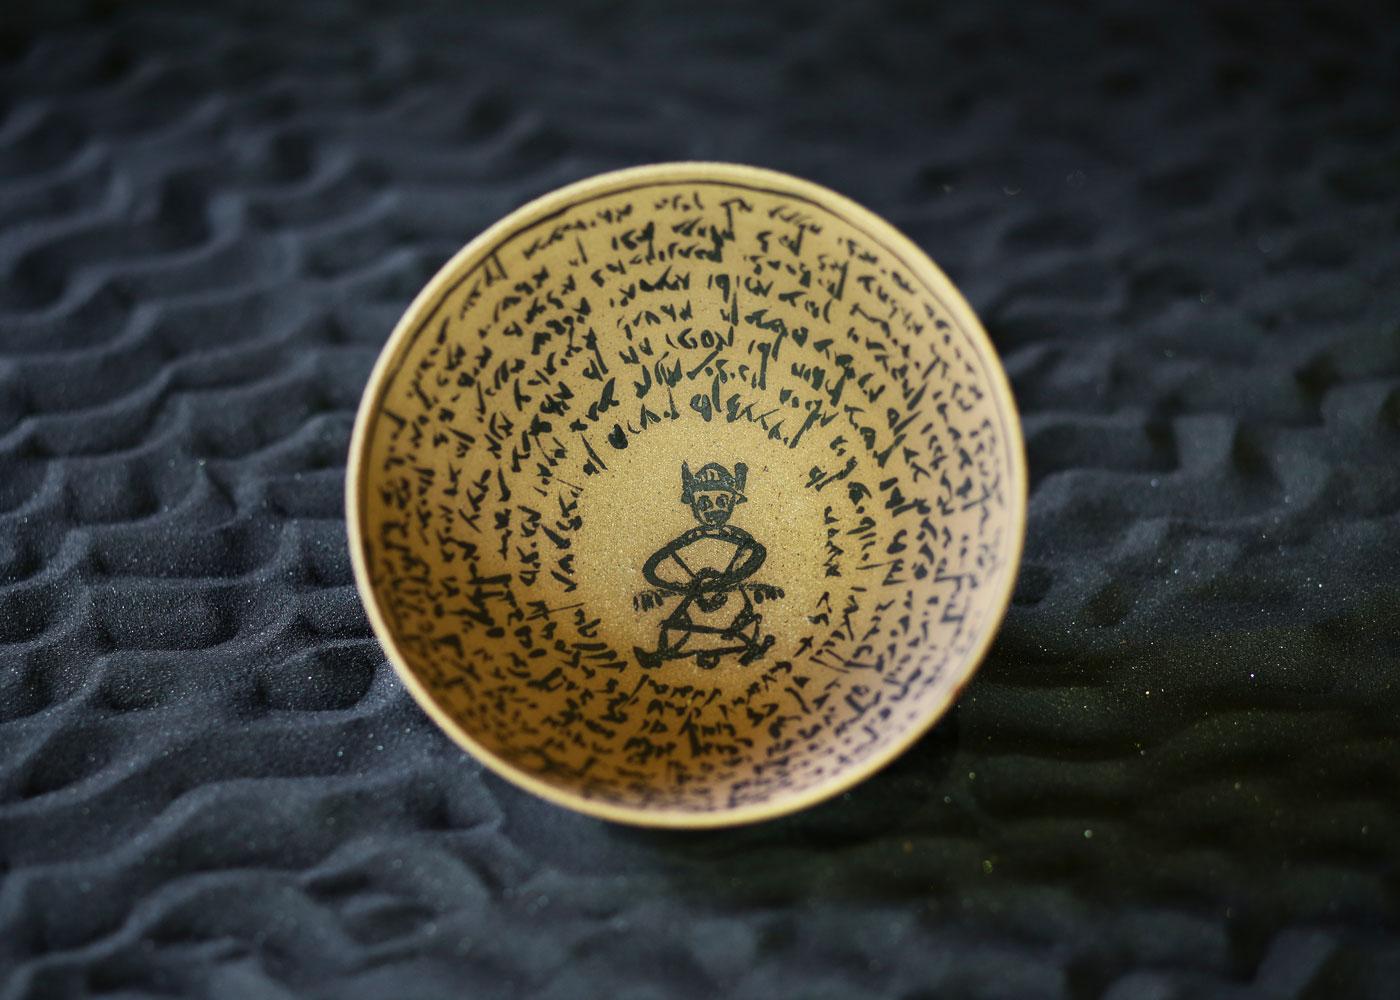 Telos Magic Incantation Bowl Of Protection Dark Clay Upper View